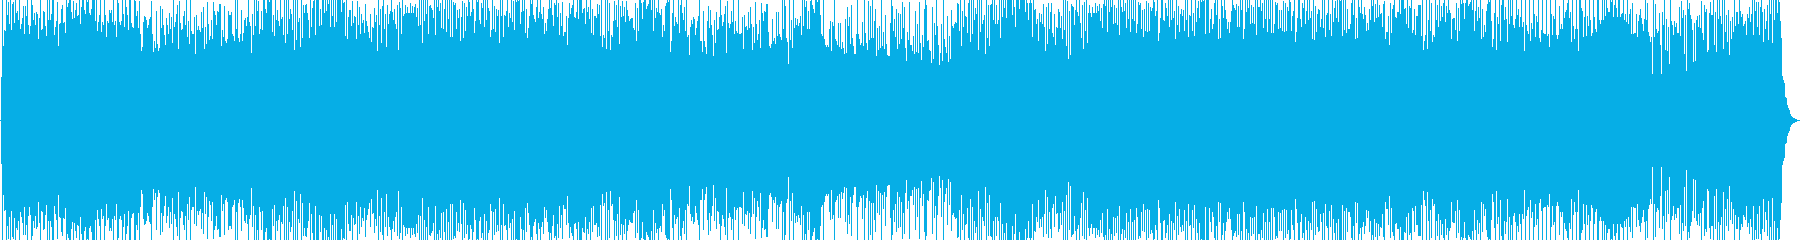 HEART BREAK JETの再生済みの波形